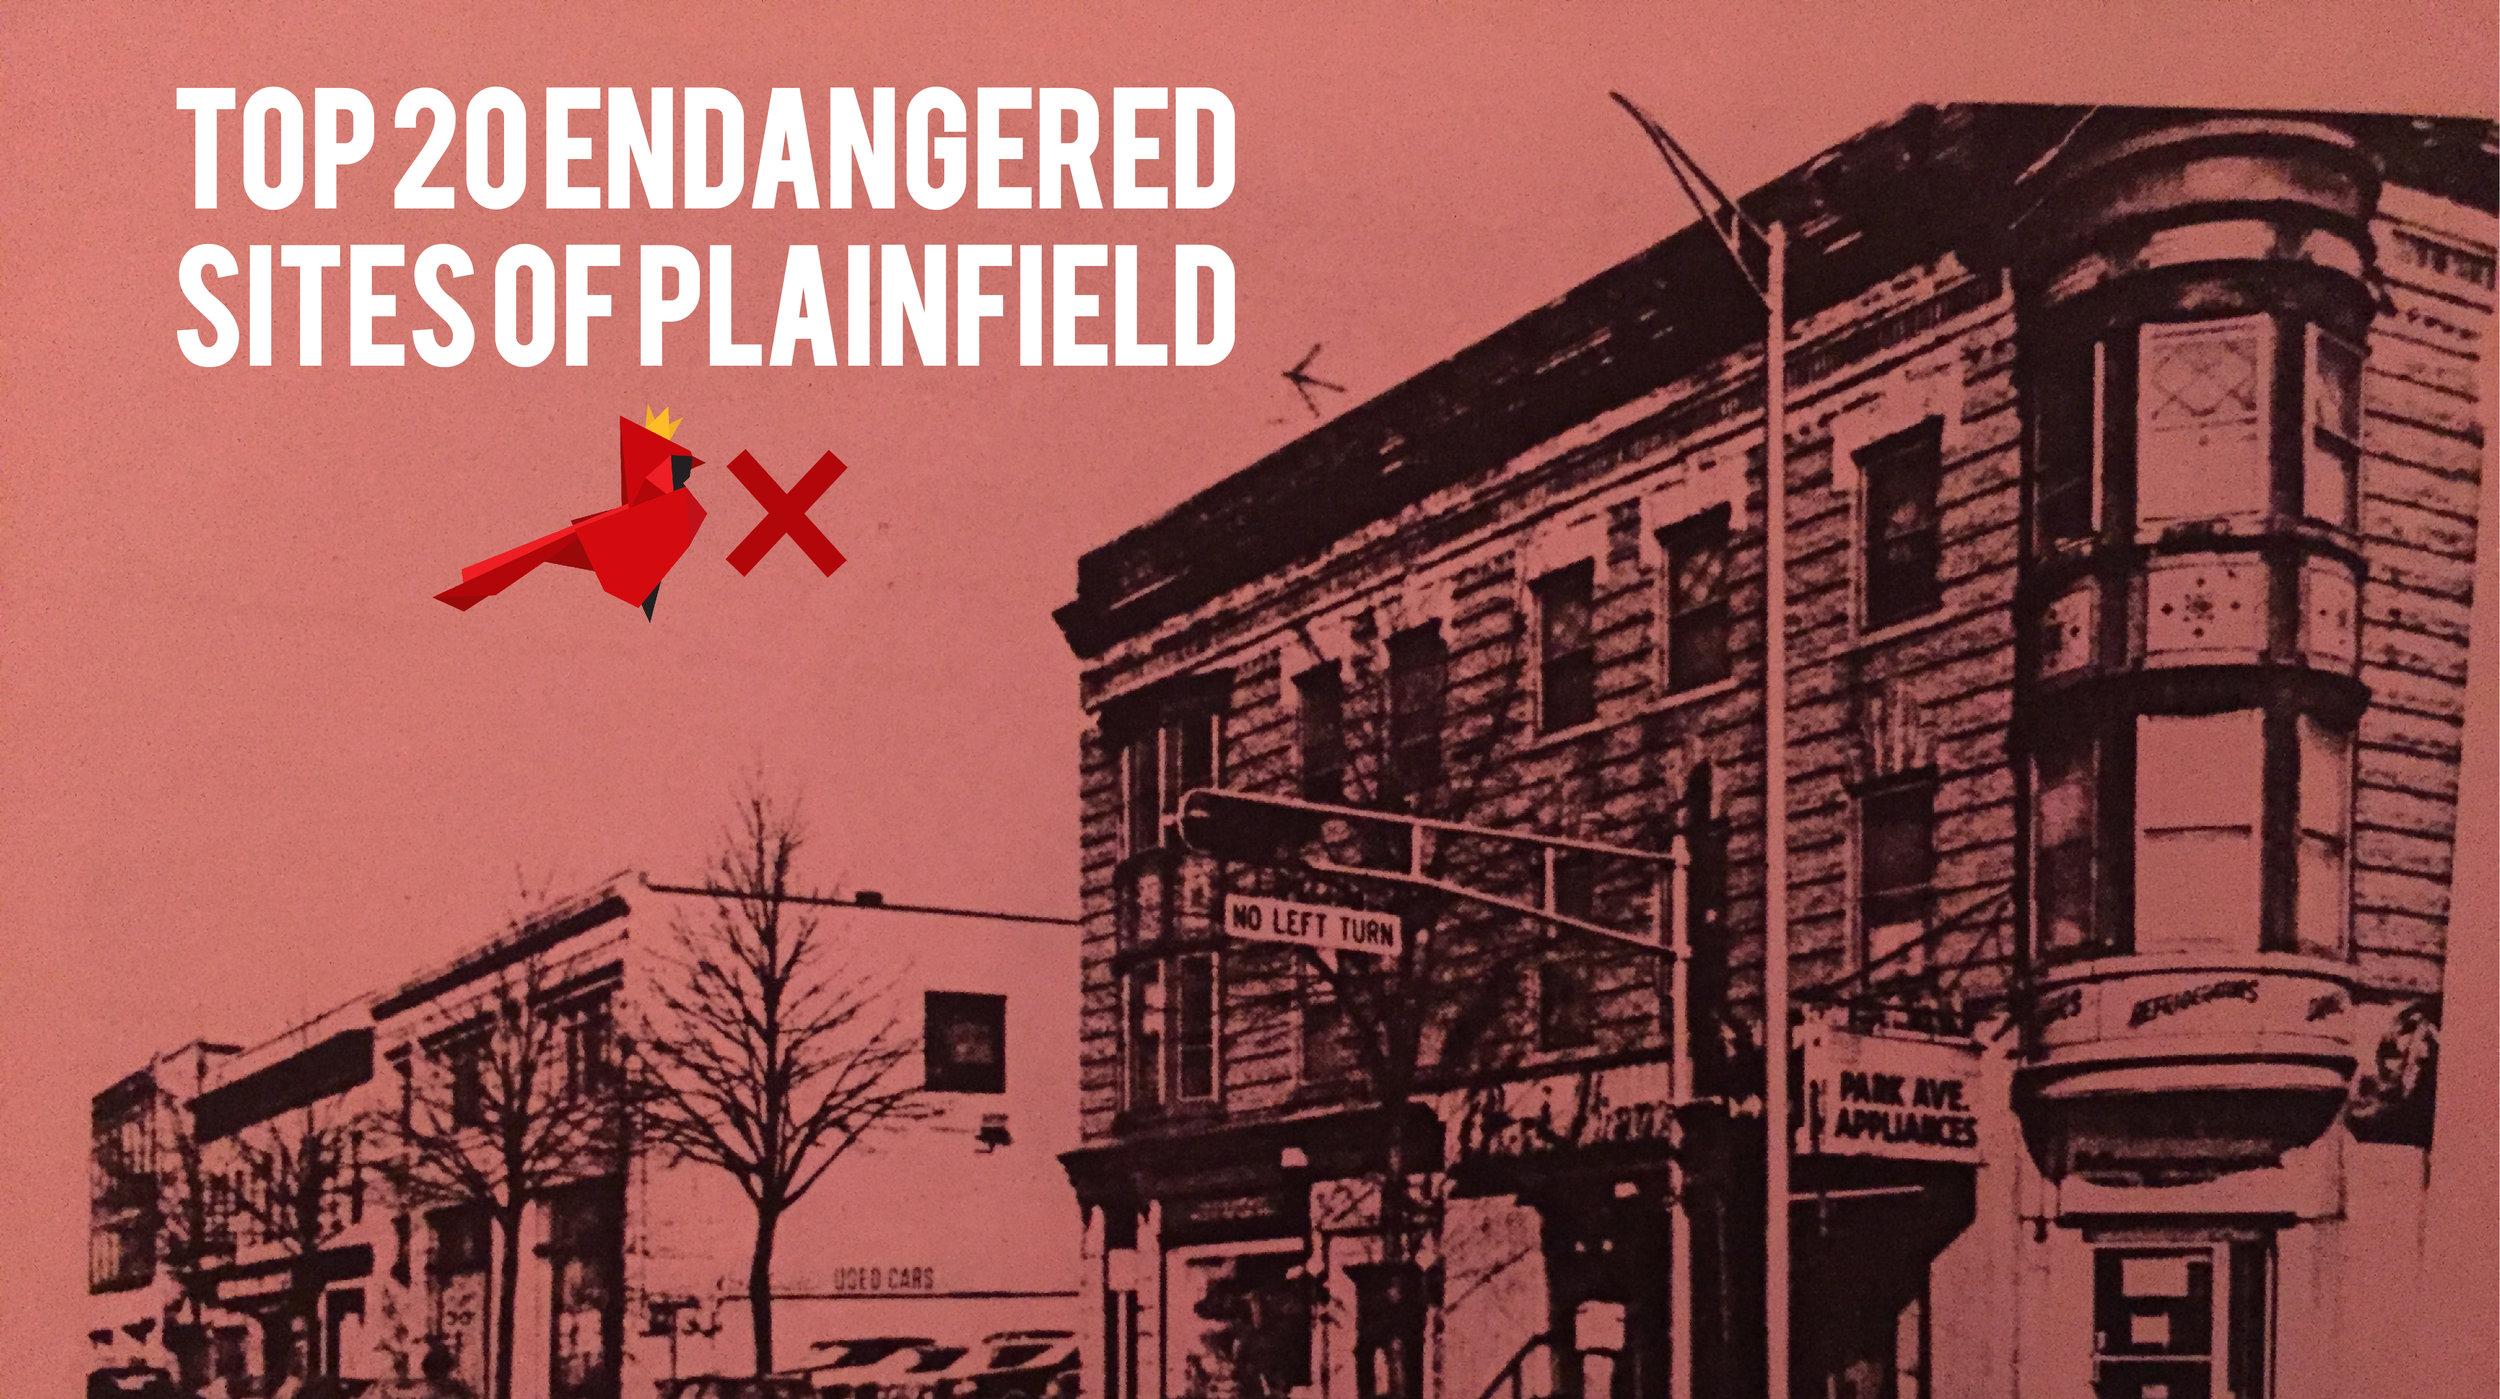 20 endangered sites cover2-01.jpg